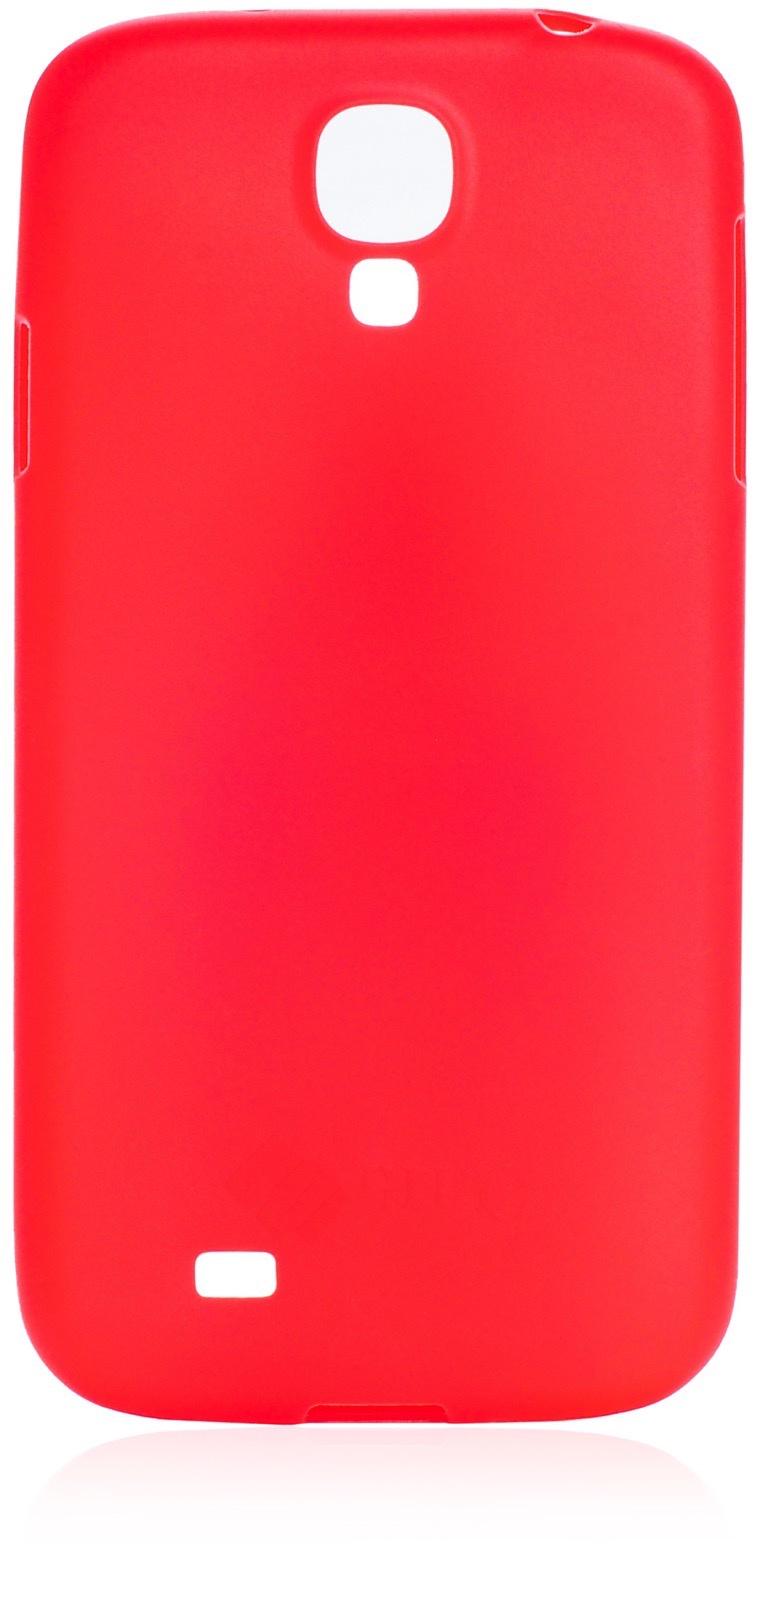 Чехол накладка iNeez Sipo силикон 450186 для Samsung Galaxy S4,450186,красный